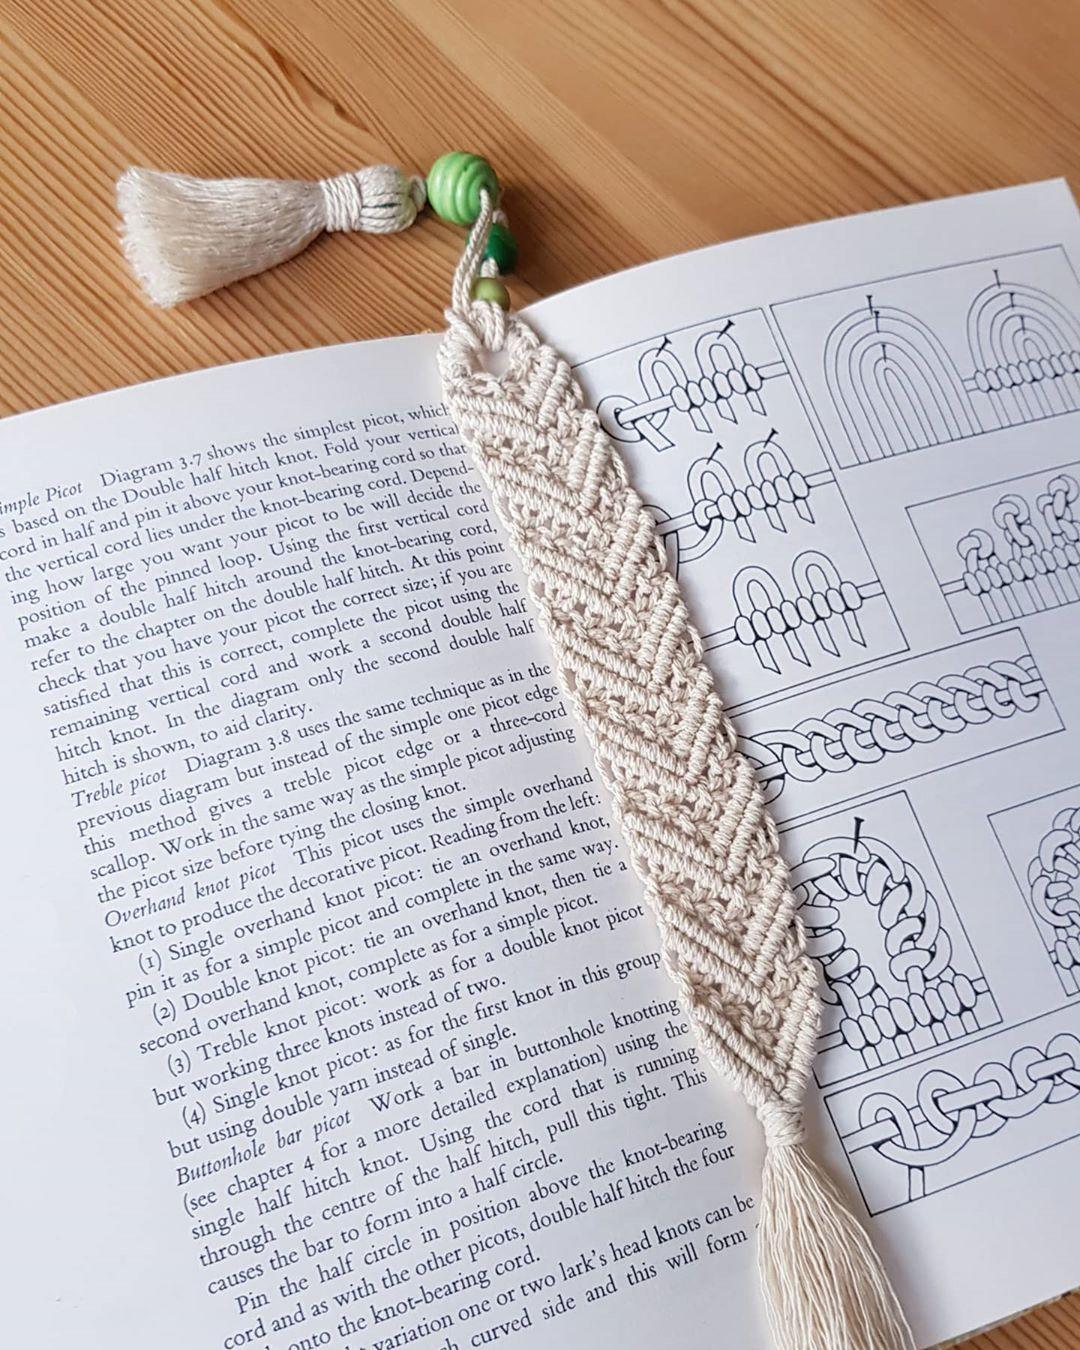 Macrame School On Instagram Diy Macrame Bookmark With Tassel New Tutorial In Bio In 2020 Tassels Diy Tutorials Macrame Patterns Macrame Projects